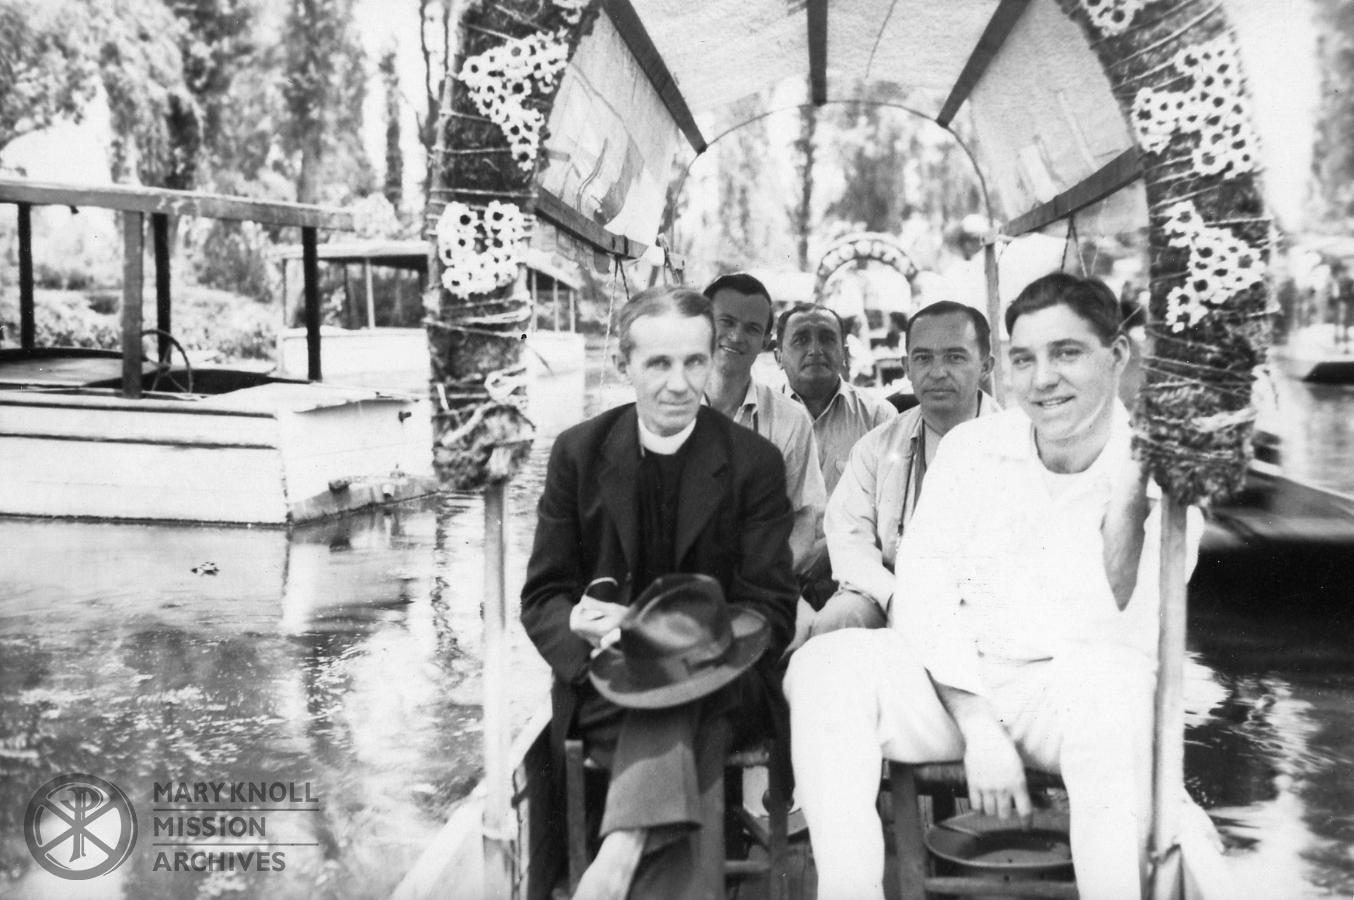 Bp. Walsh, Fr. Bonner, Fr. Danehy, Fr. Escalante, 1942